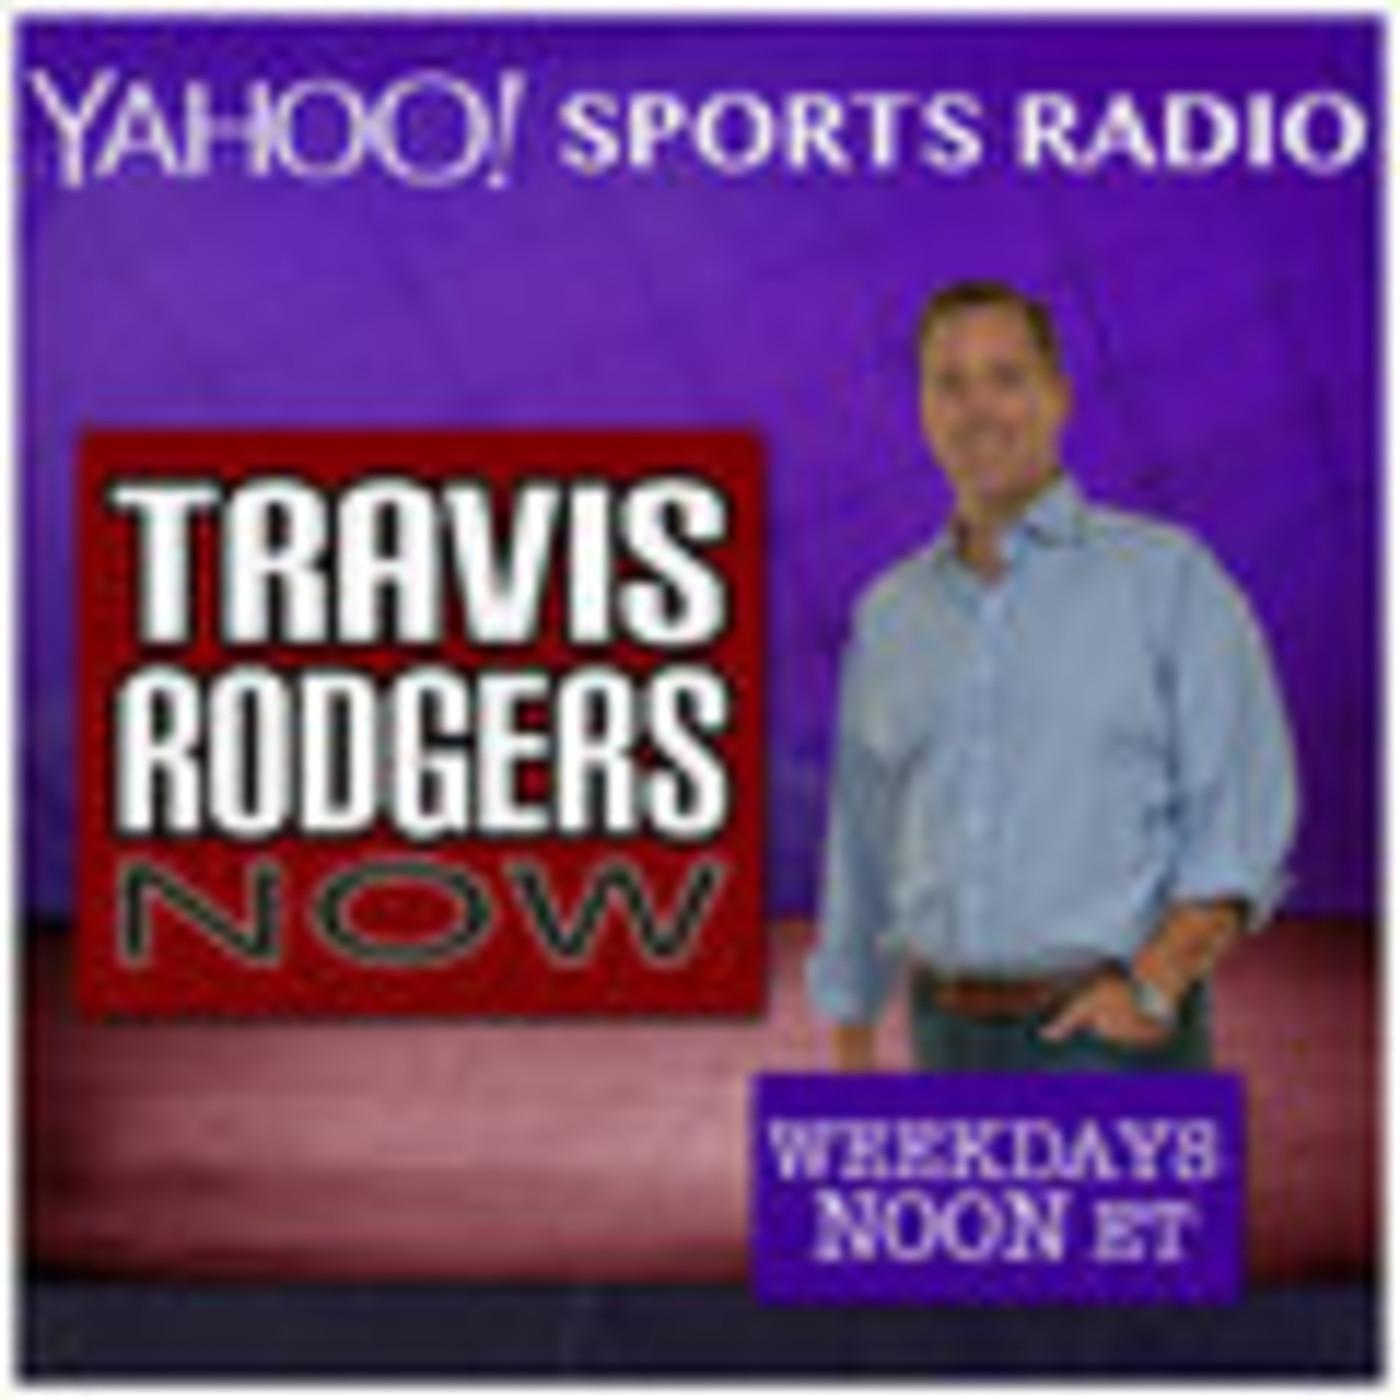 YahooSportsRadio